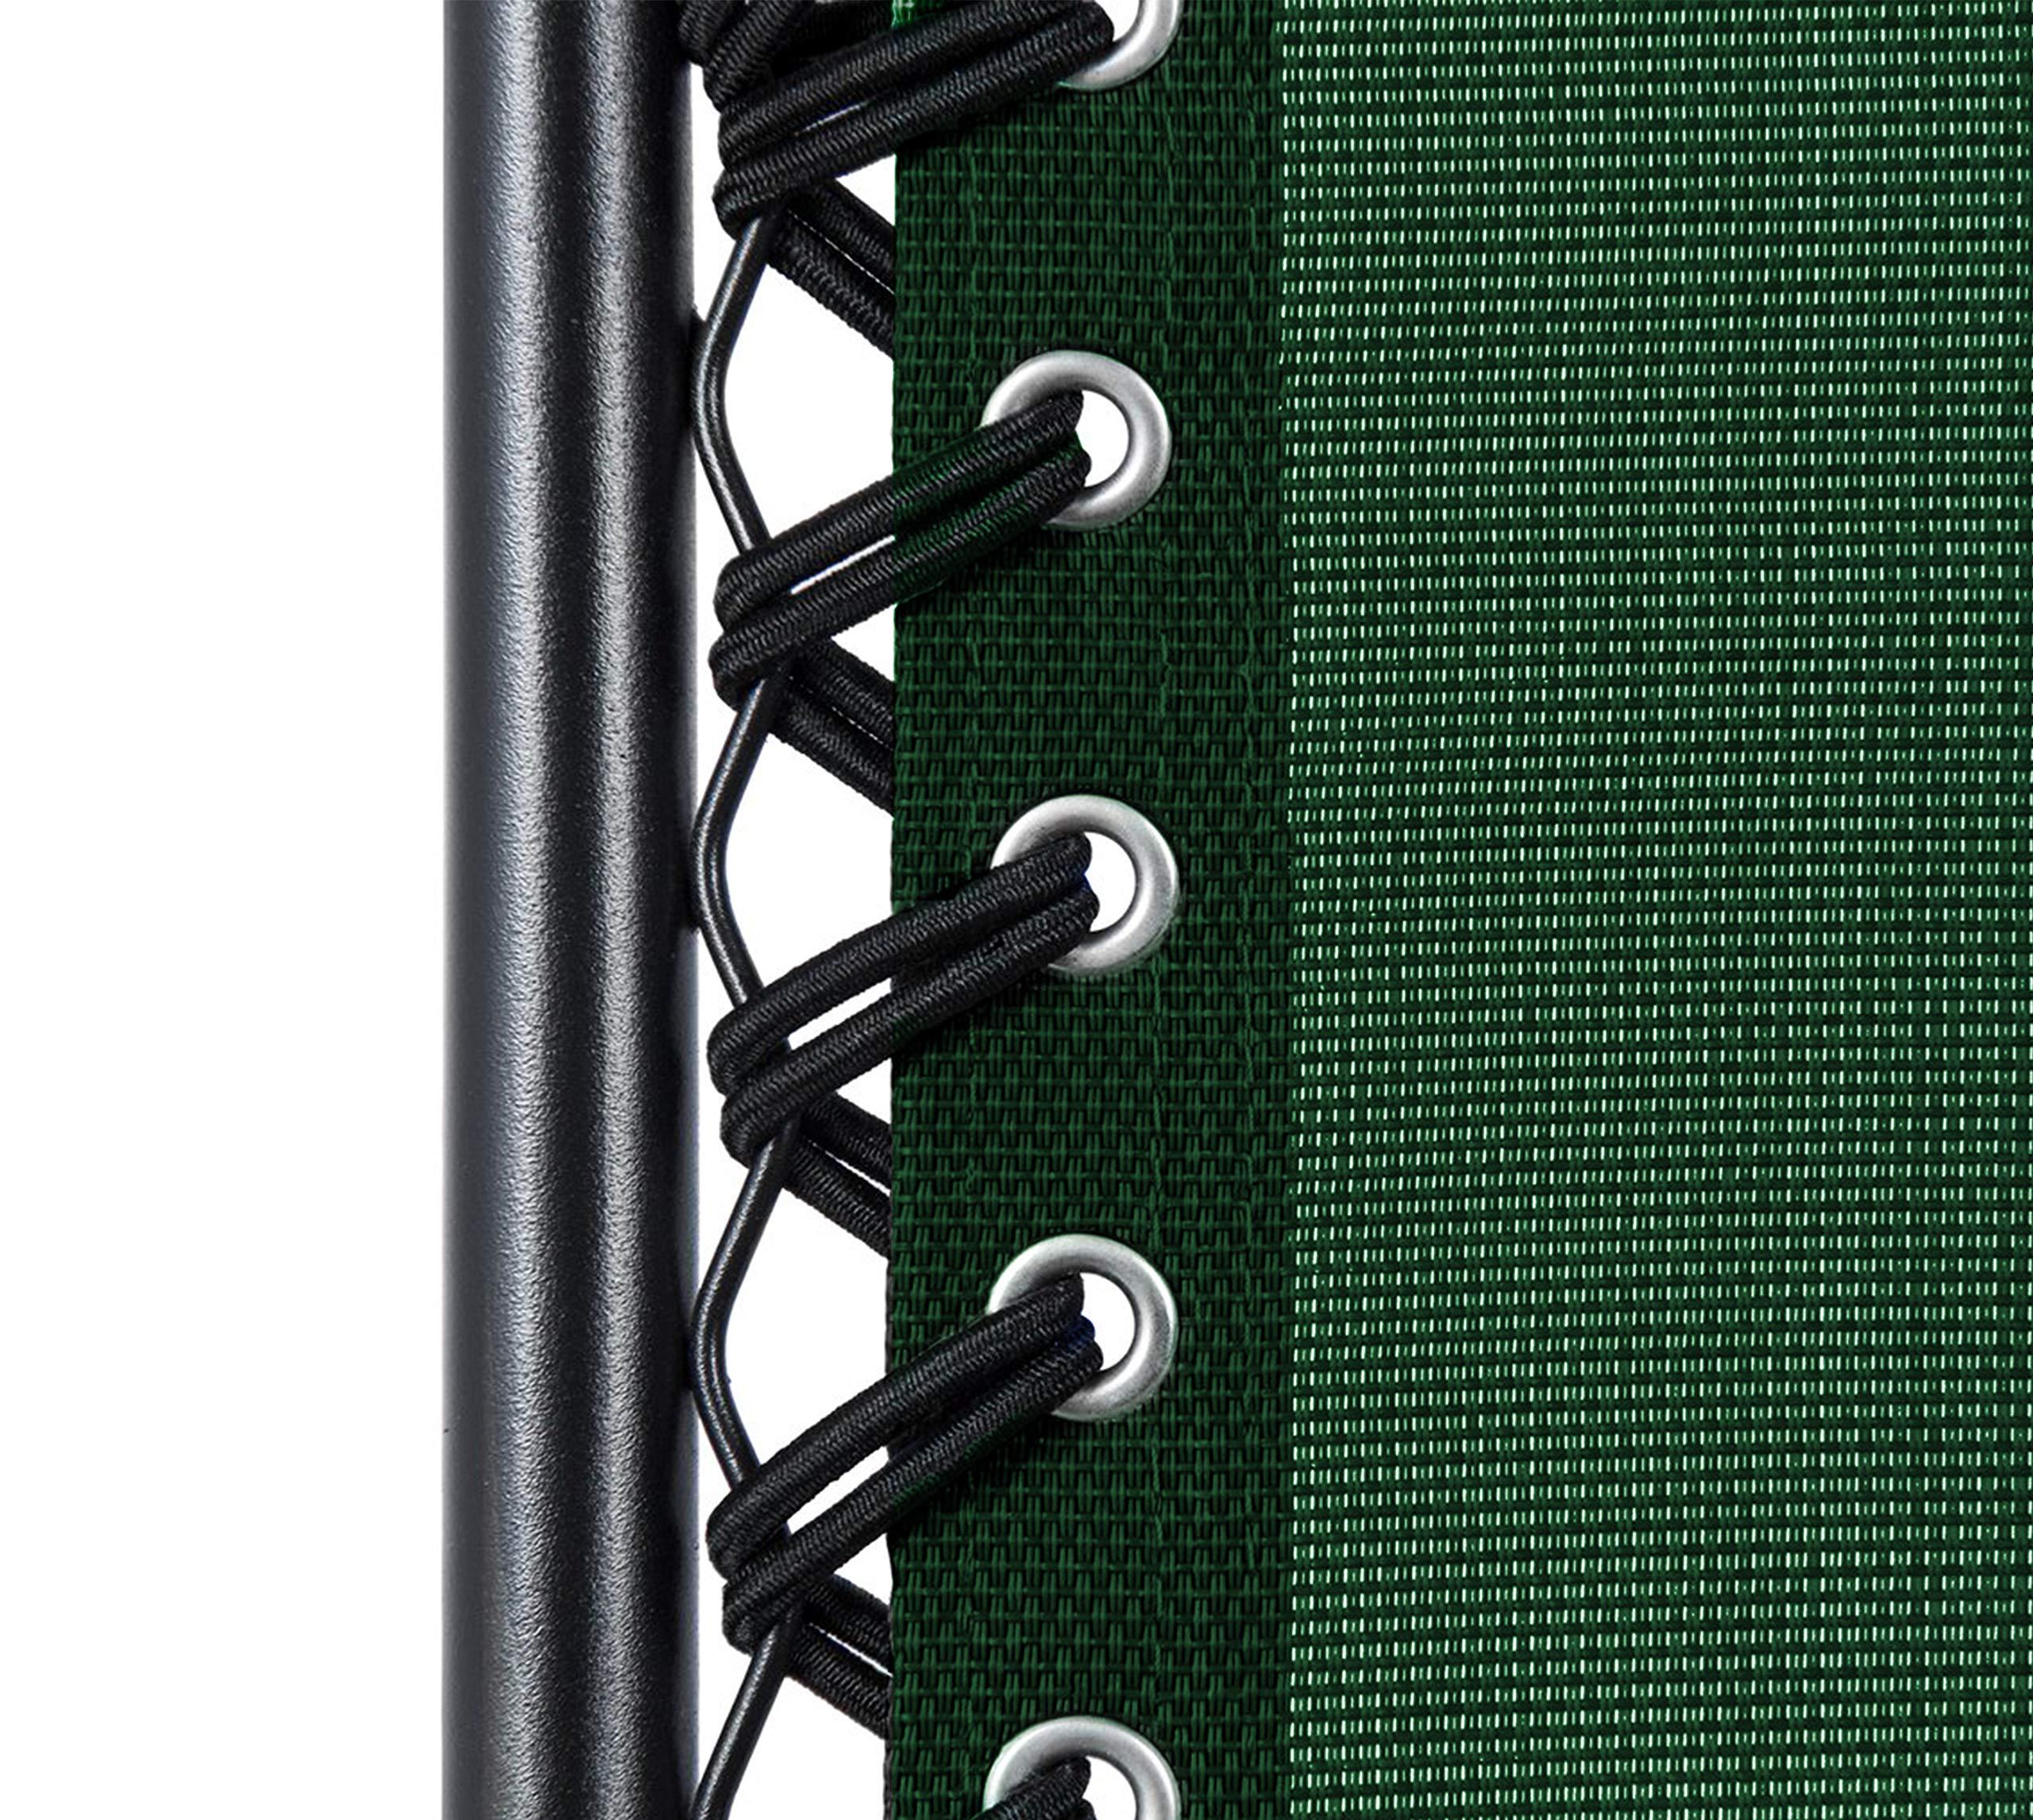 KEPLIN Set of 2 Heavy Duty Zero Gravity Chairs -Green